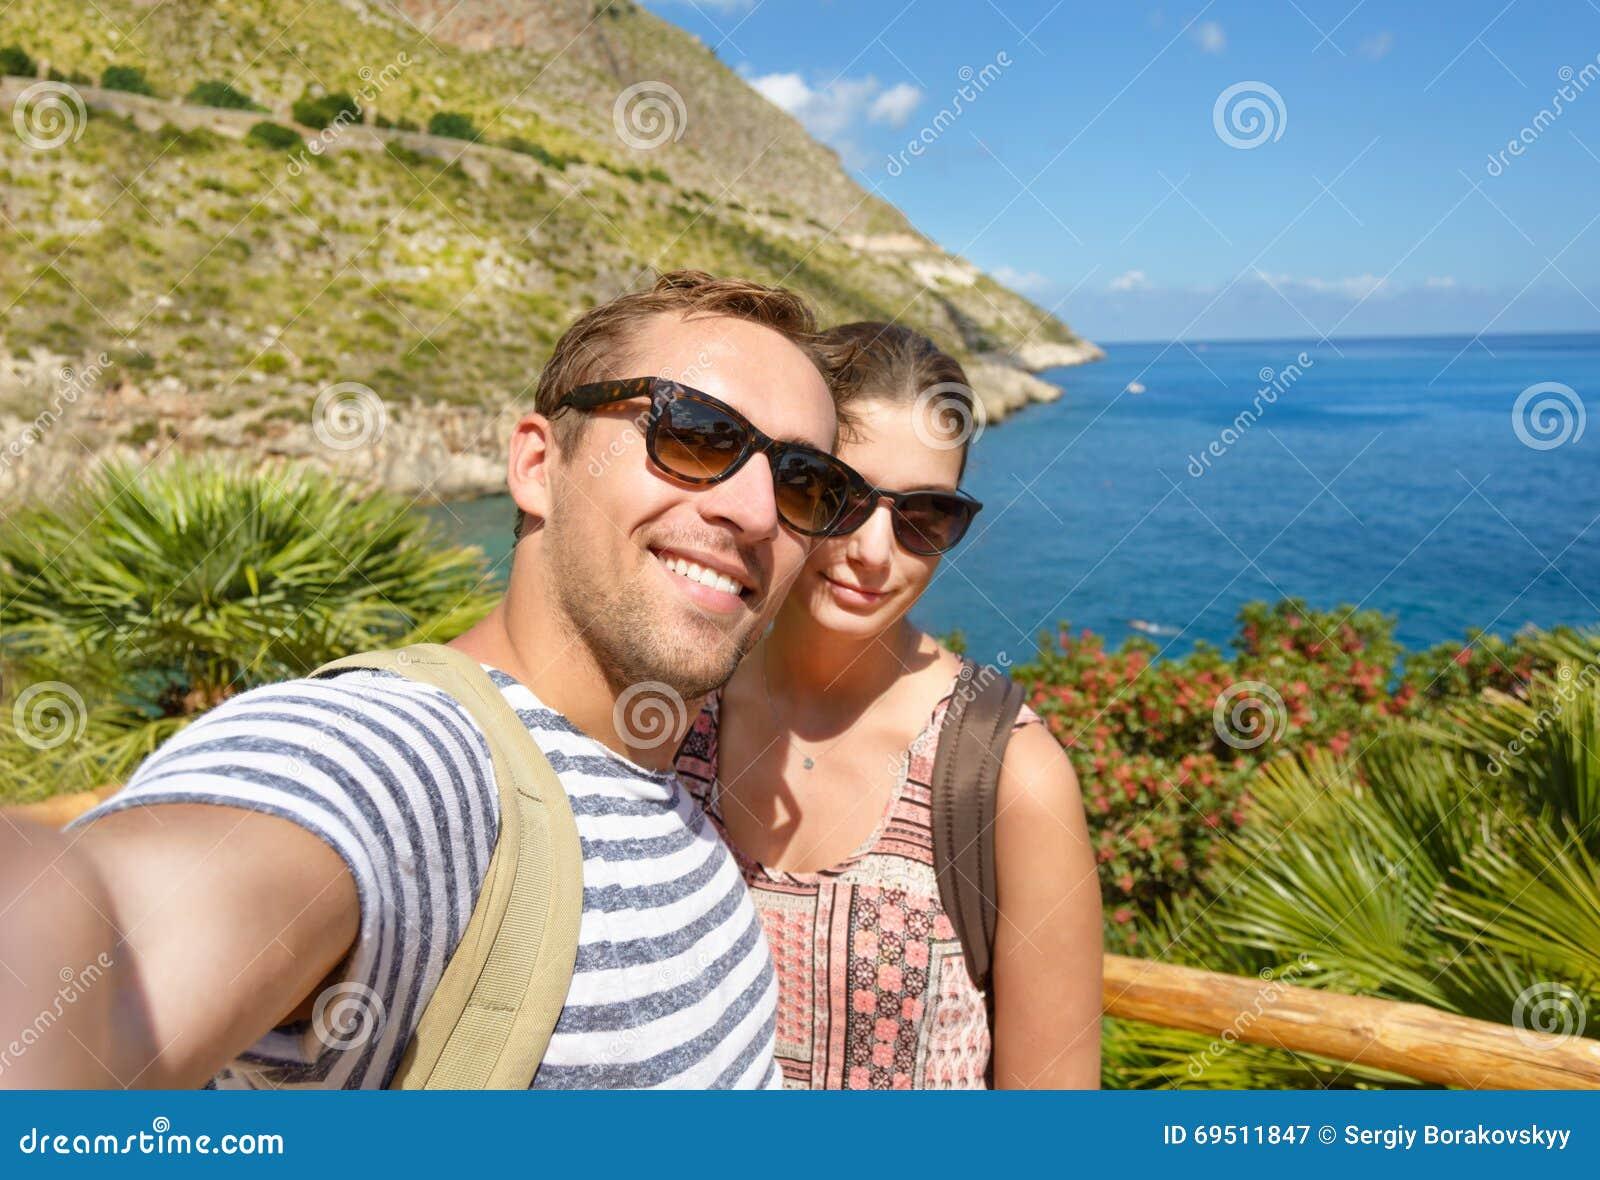 Junge touristische machen ein selfie Gedächtnisfoto in der tropischen Landschaft während der Ferien um italienische Küsten Lächel